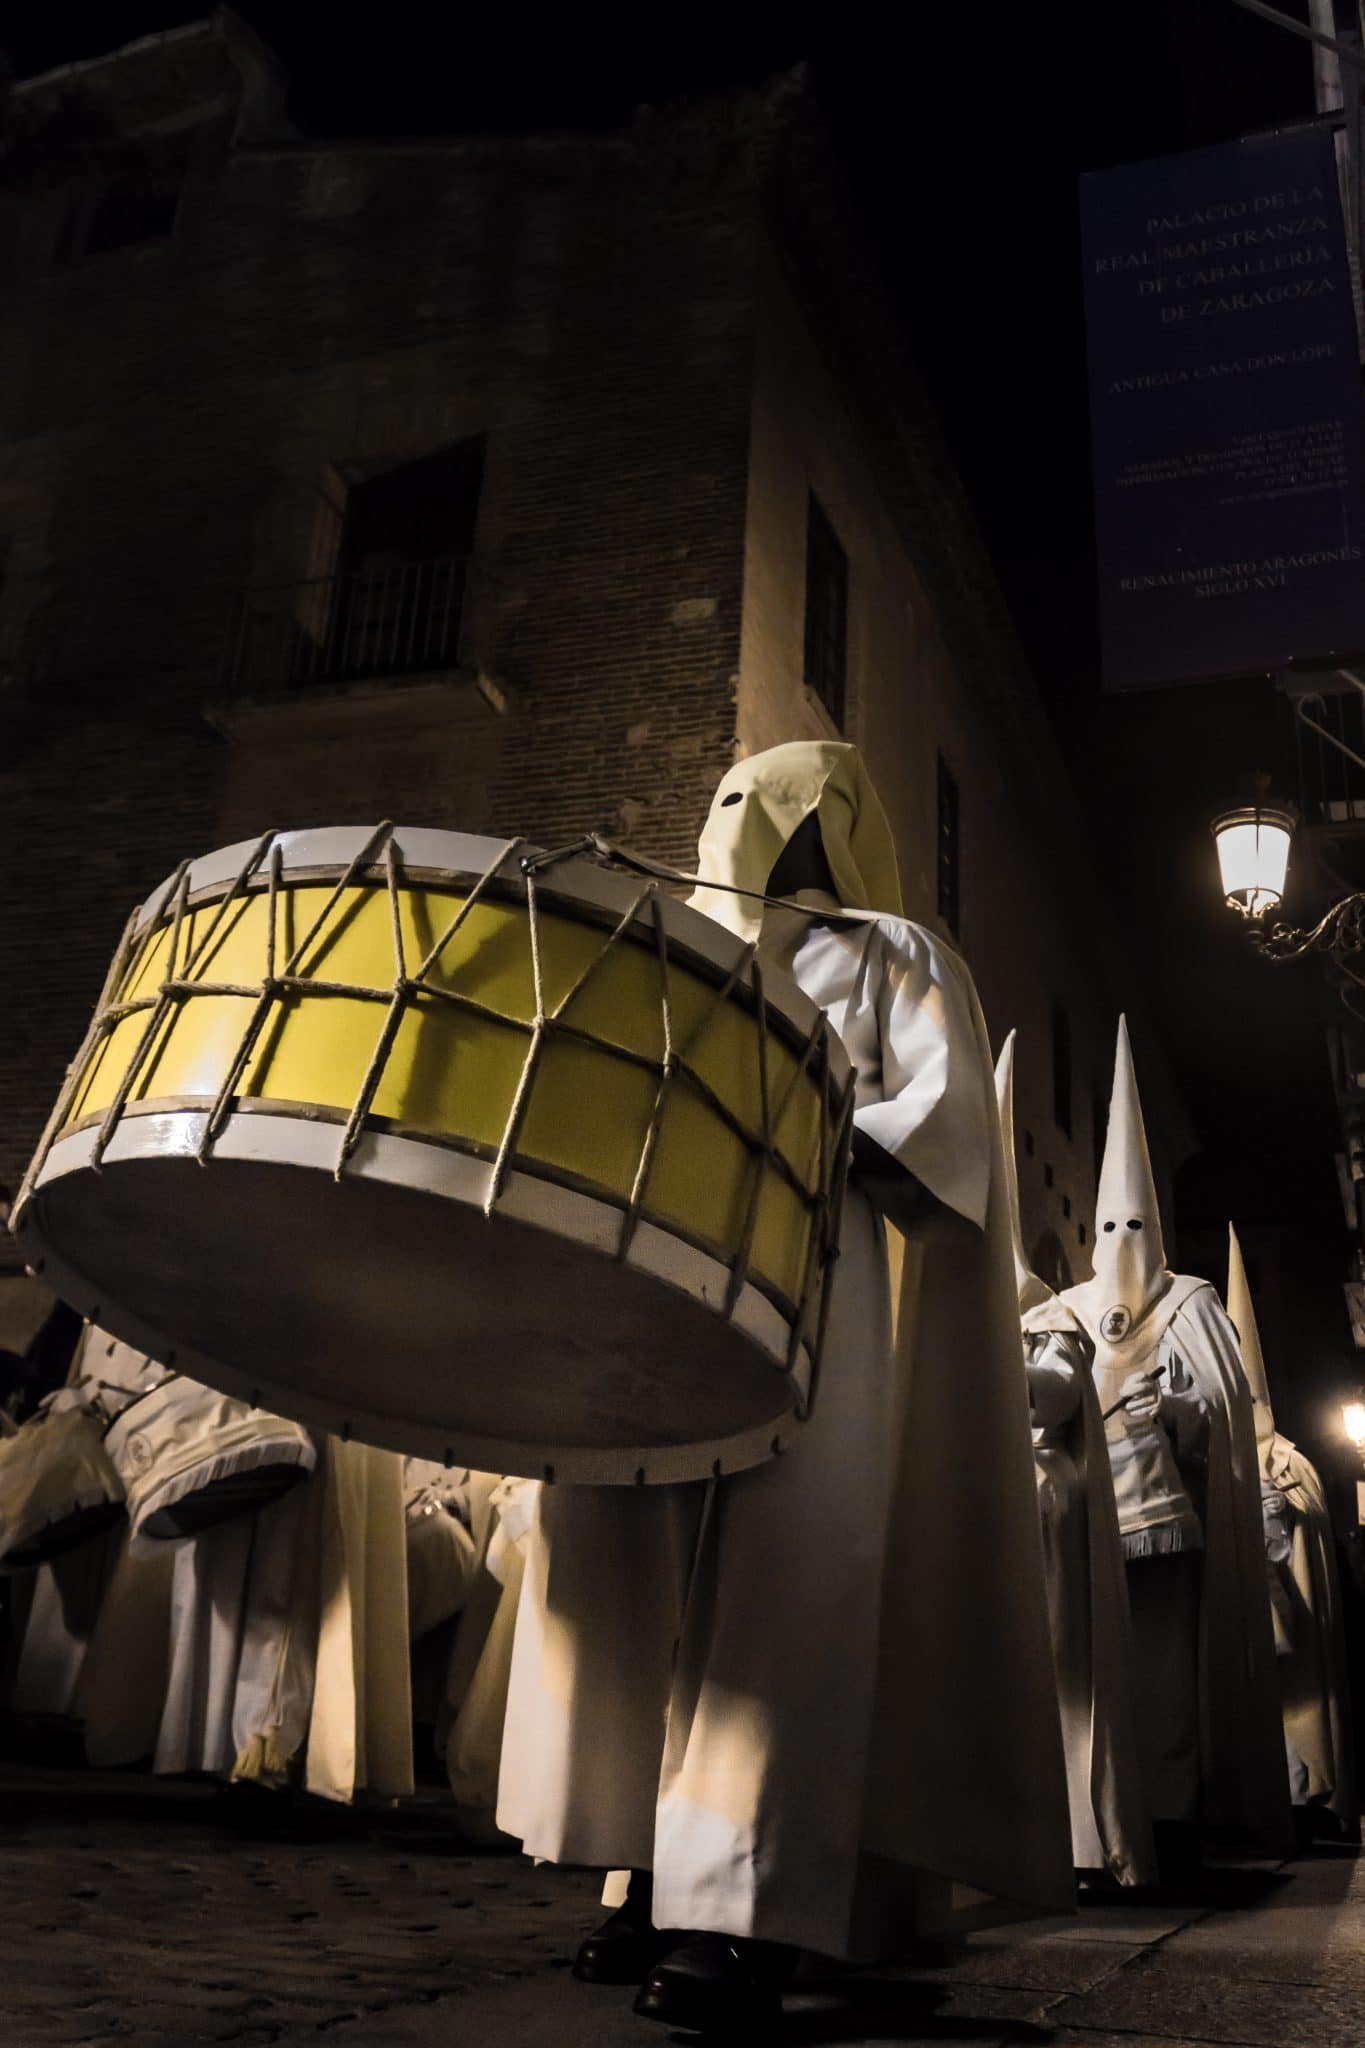 Semana Santa en Zaragoza - Procesion Titular Eucaristía